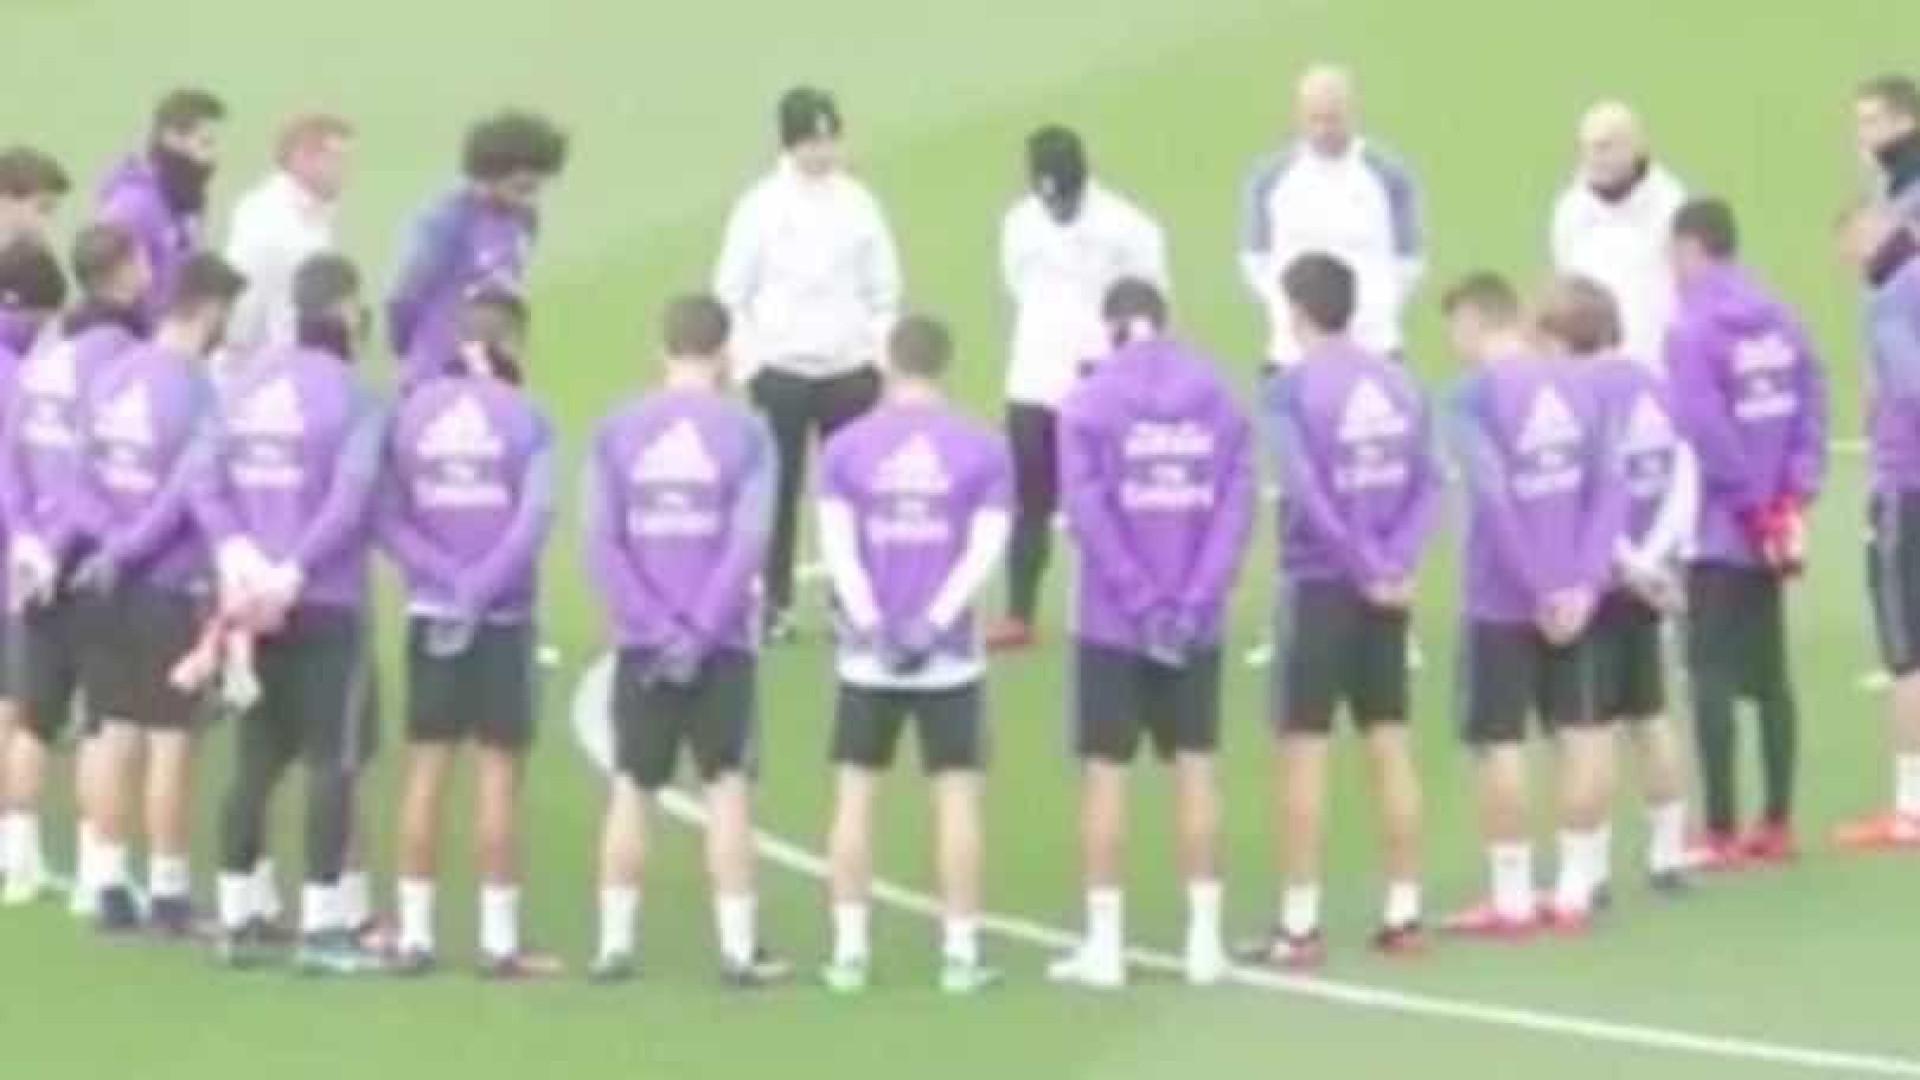 Clássico entre Barça e Real terá um minuto de silêncio pela Chapecoense